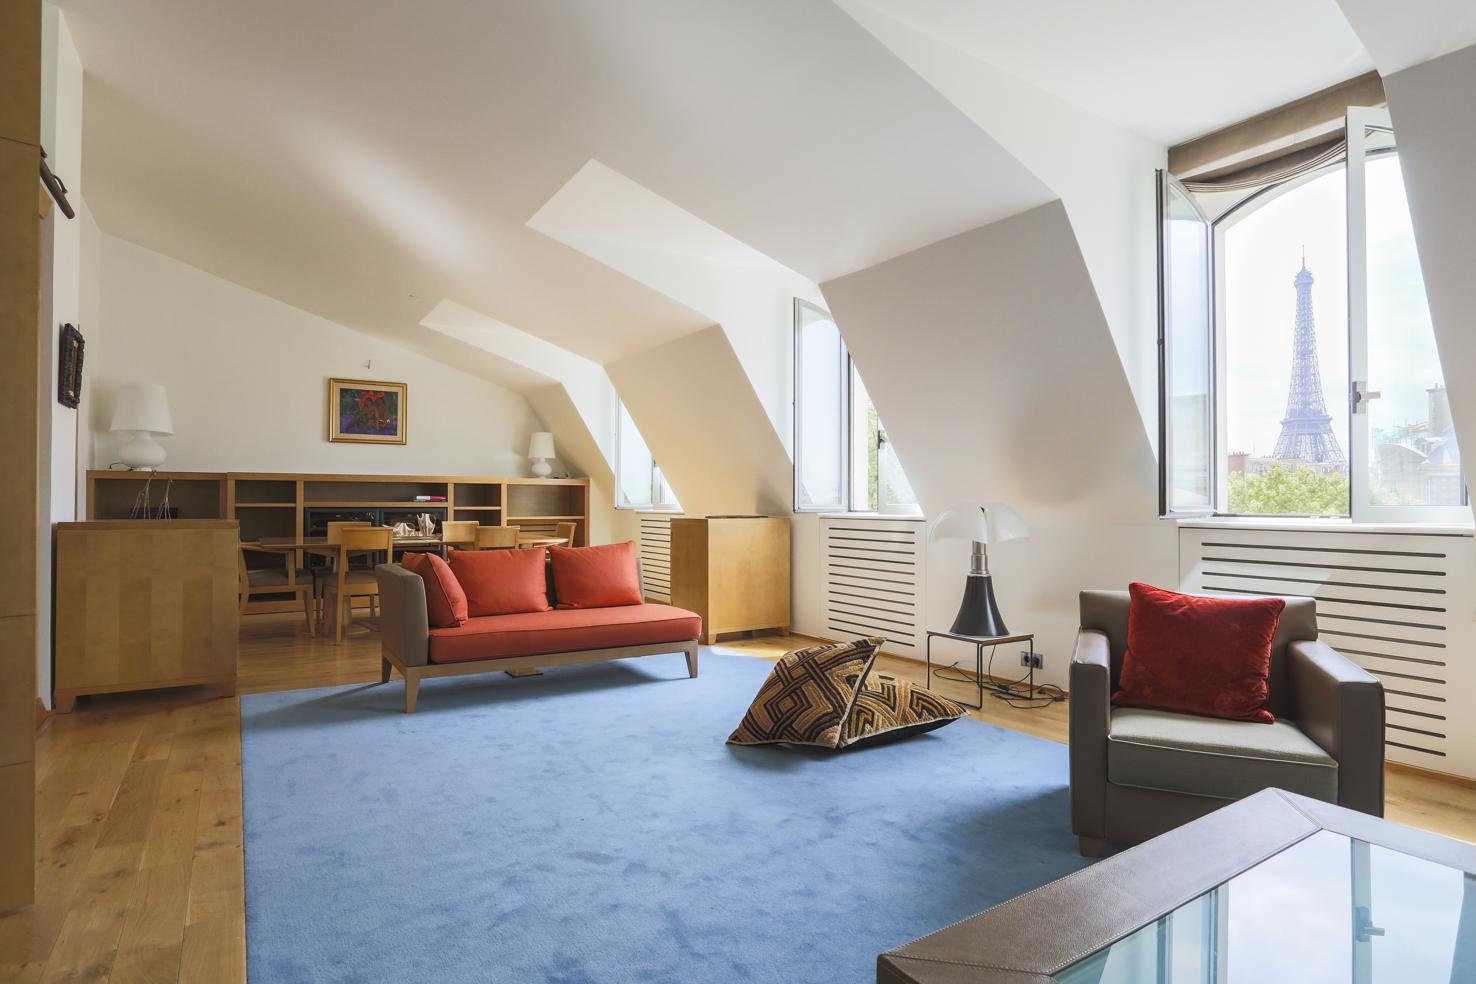 Casa Unifamiliar por un Venta en Sully - Quai d'Orsay - id. 1585 avenue Sully Prudhomme Paris, Paris 75007 Francia